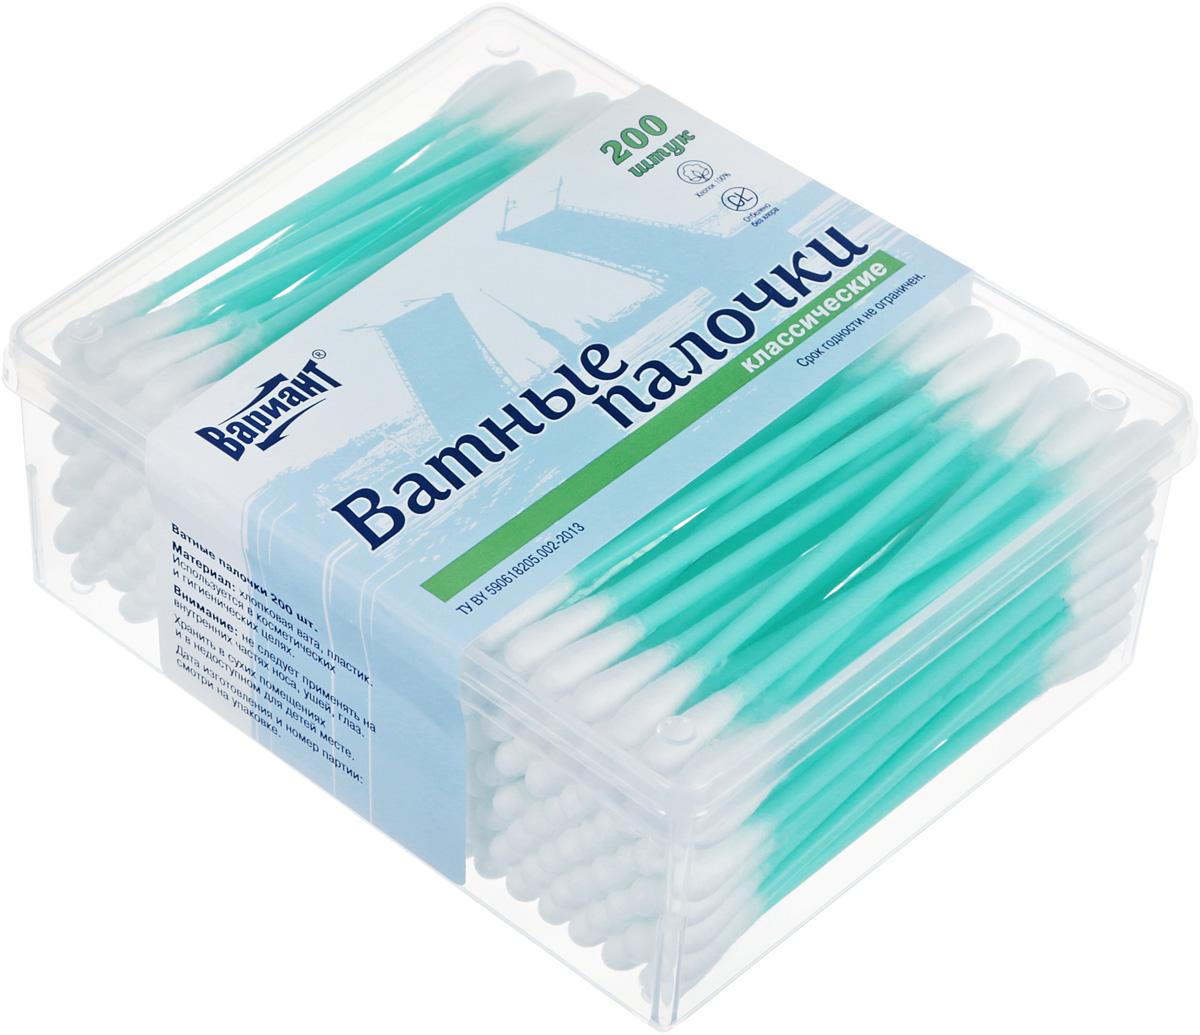 Вариант Ватные палочки, классические в пластиковой упаковке, 200 шт09531Ватные палочки Вариант способны удалить загрязнения и излишнюю влагу в труднодоступных местах. С их помощью удобно наносить и смывать косметику: подкорректировать и подправить макияж, убрать излишки туши и т. д. Они незаменимы при маникюре. Ими удобно обрабатывать маленькие детские ушки, особенно при попадании воды. Ватные палочки выполнены из 100% хлопка, который превосходно впитывает влагу. Практичные ватные палочки в удобной упаковке будут незаменимы для всей семьи.Уважаемые клиенты!Обращаем ваше внимание на возможные изменения в дизайне упаковки. Качественные характеристики товара остаются неизменными. Поставка осуществляется в зависимости от наличия на складе.